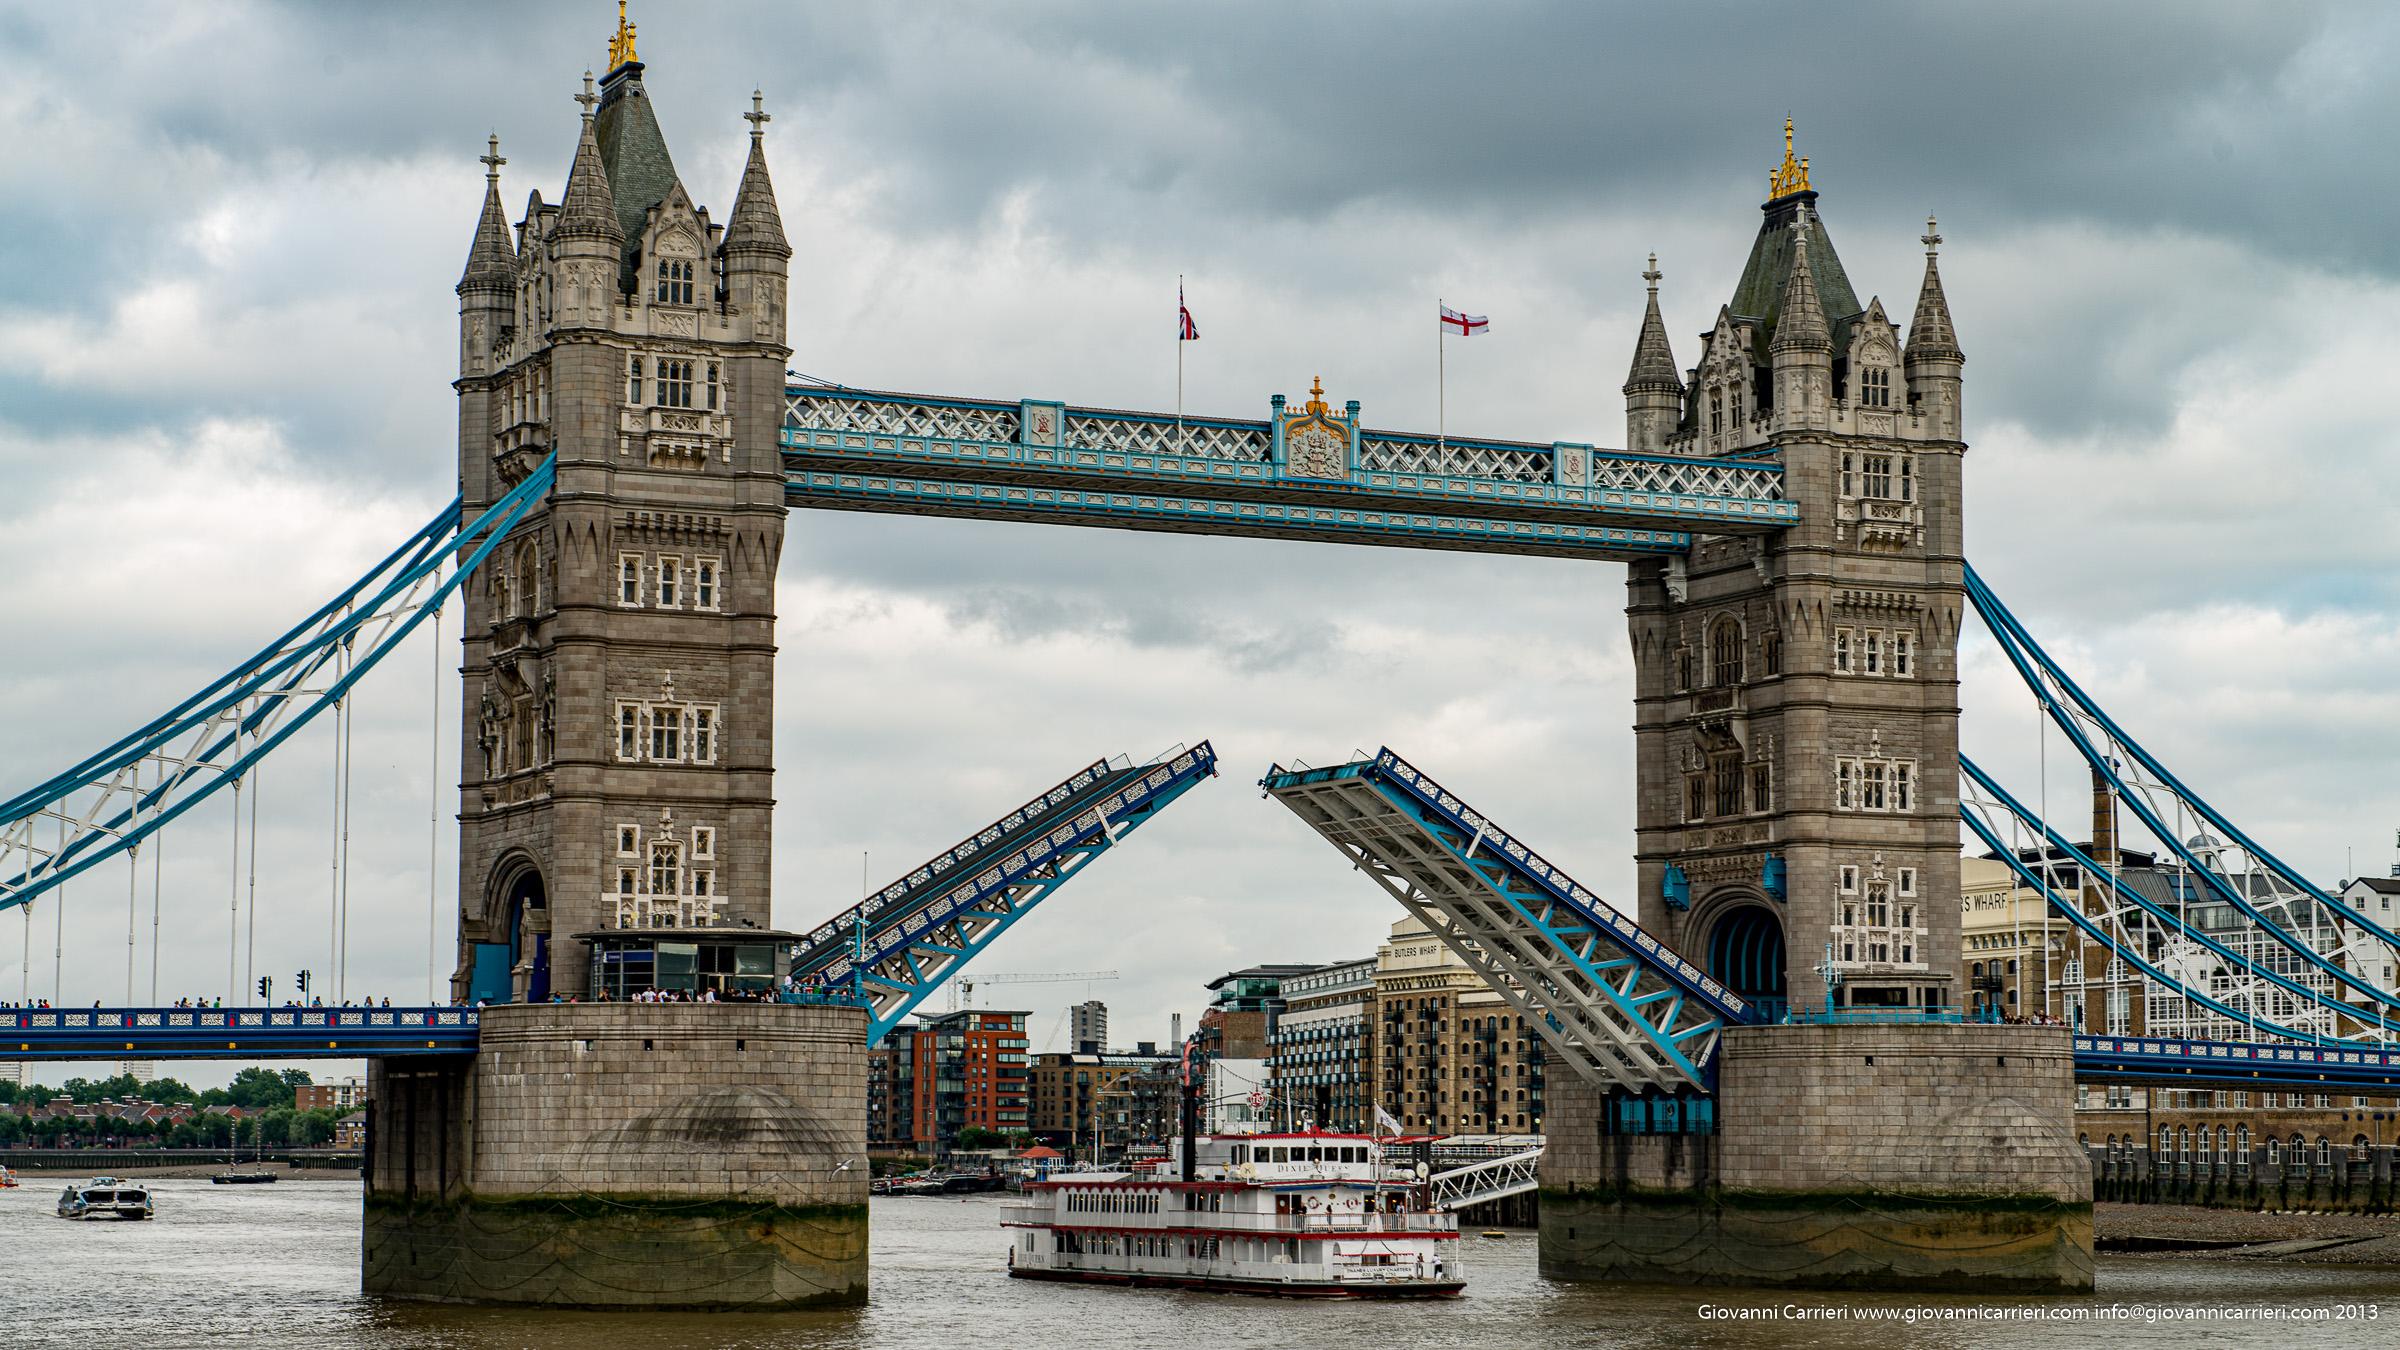 Il Ponte della torre aperto - Londra